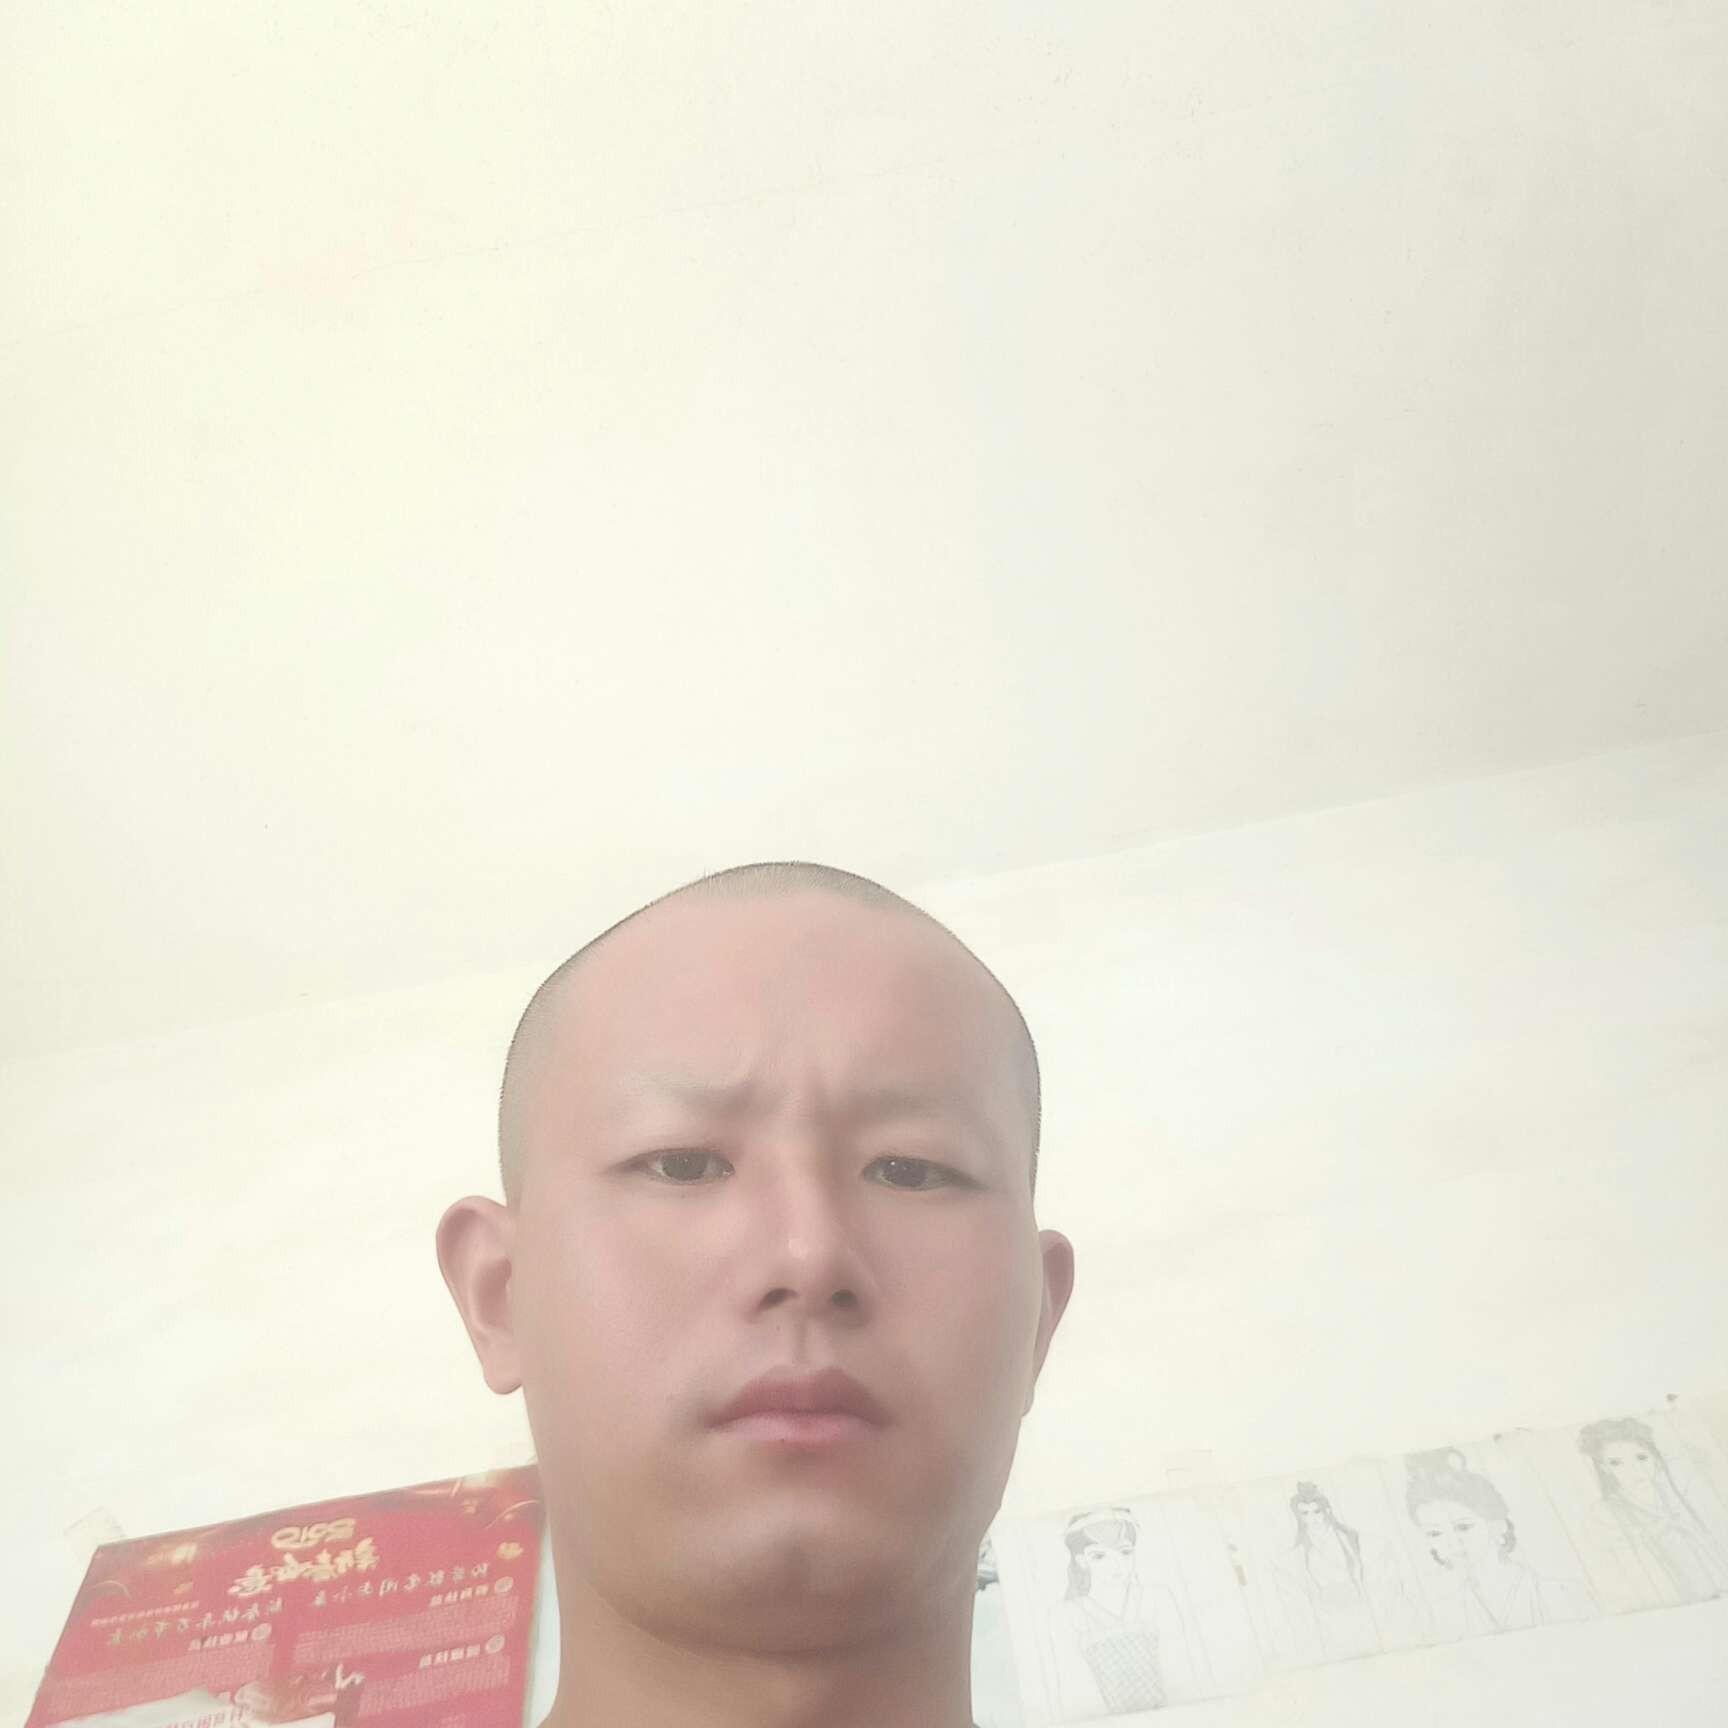 刘青纯的照片